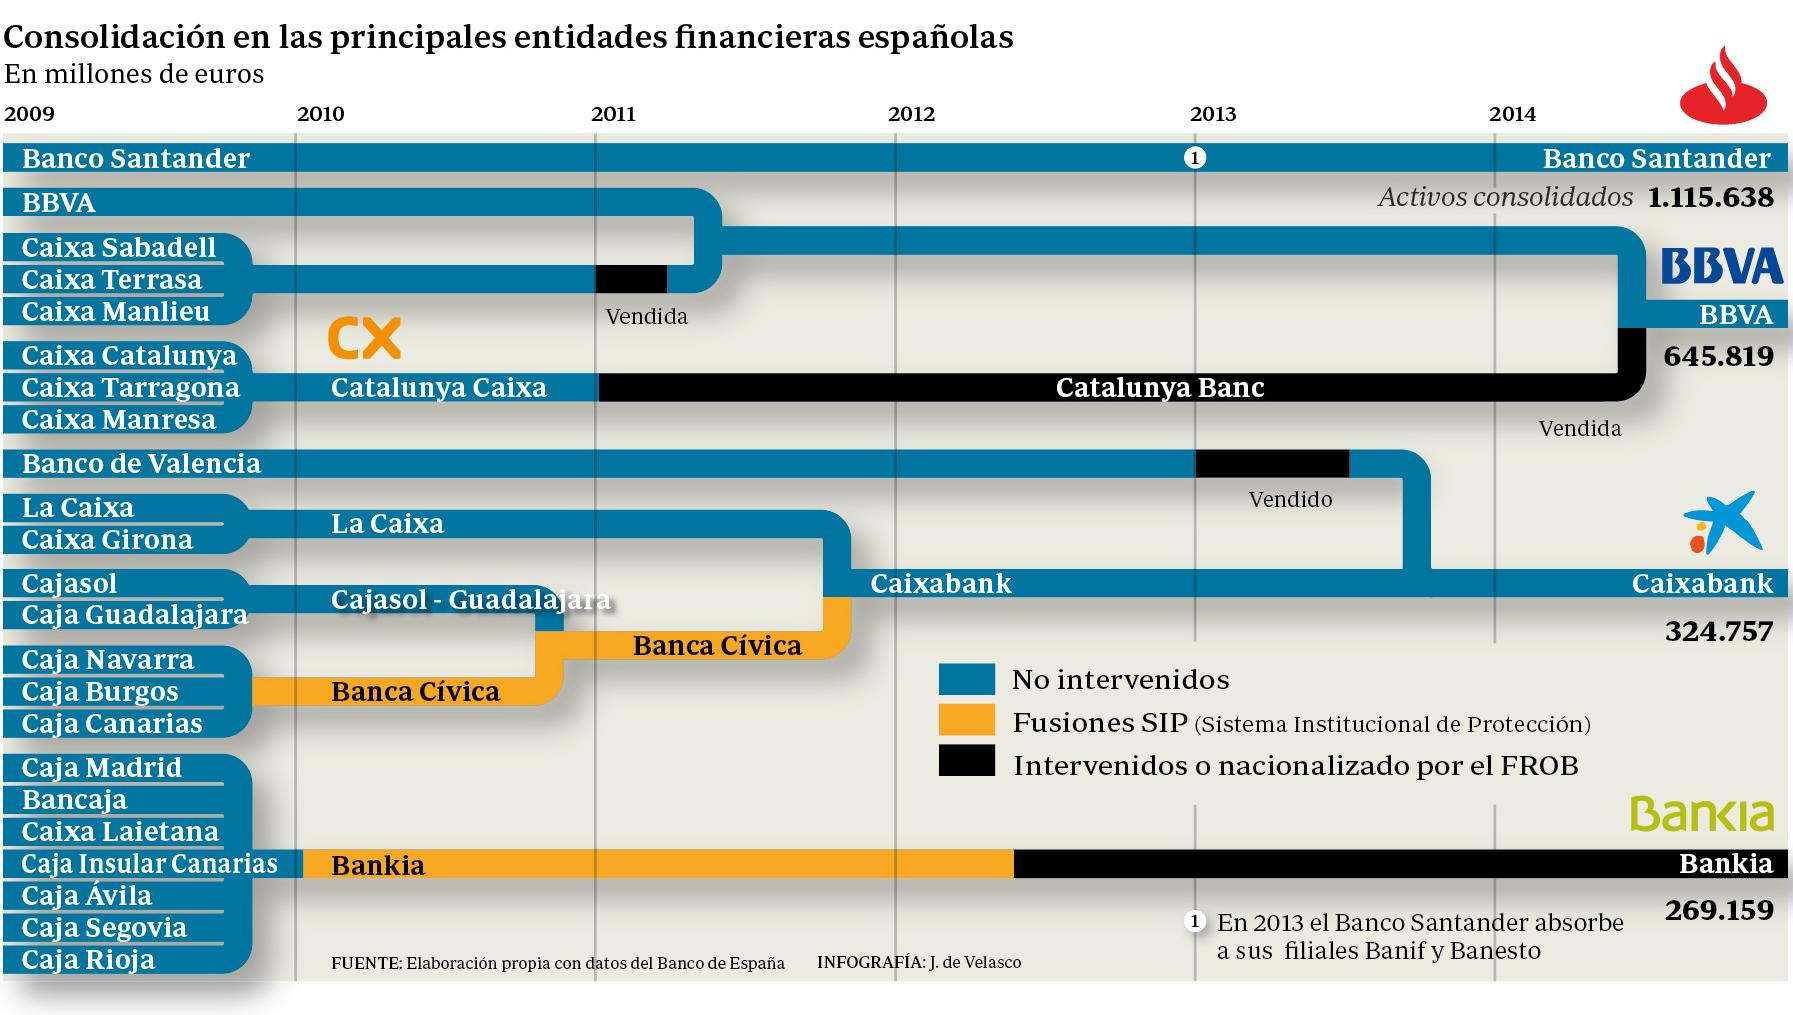 Consolidación en las principales entidades financieras españolas